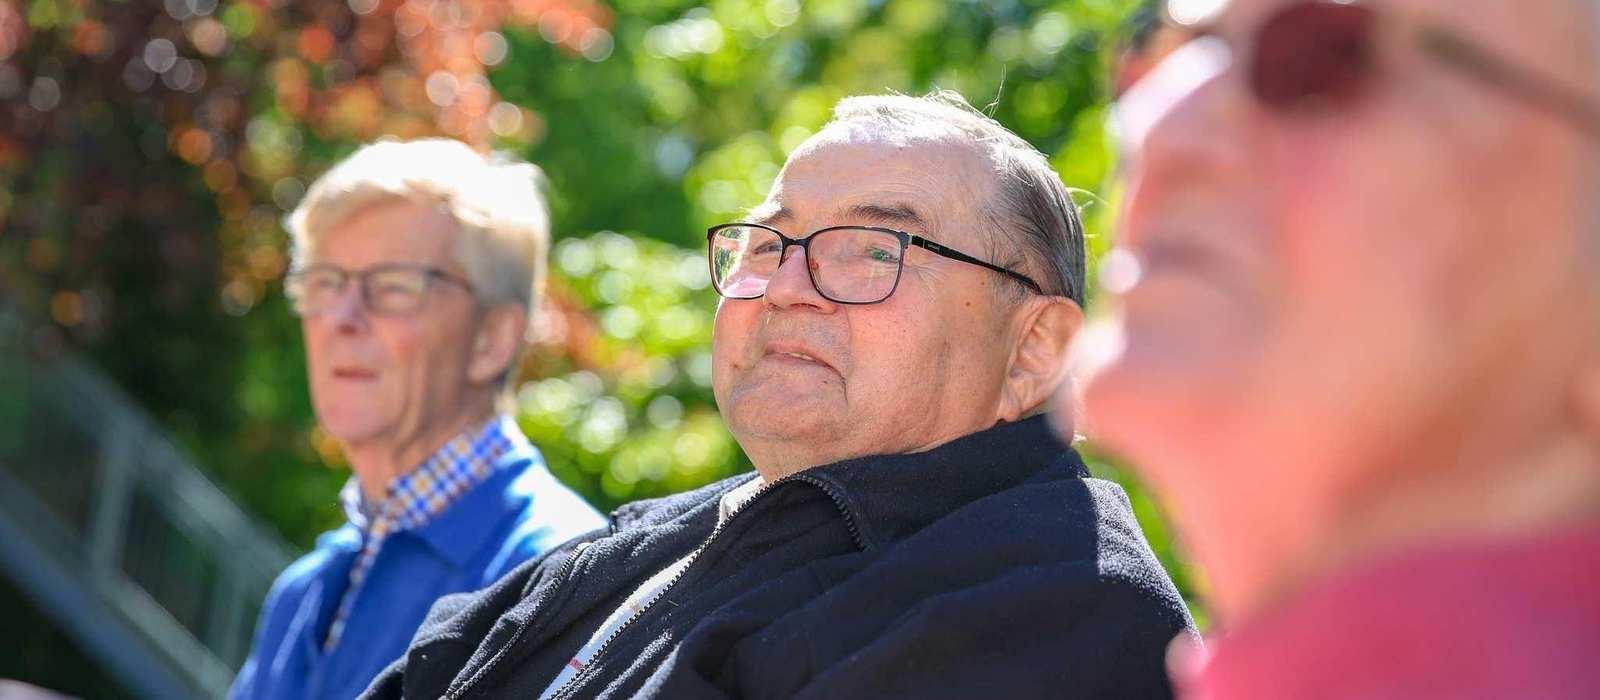 Drei ältere Personen mit Brillen sitzen zusammen auf einer Bank im Garten.